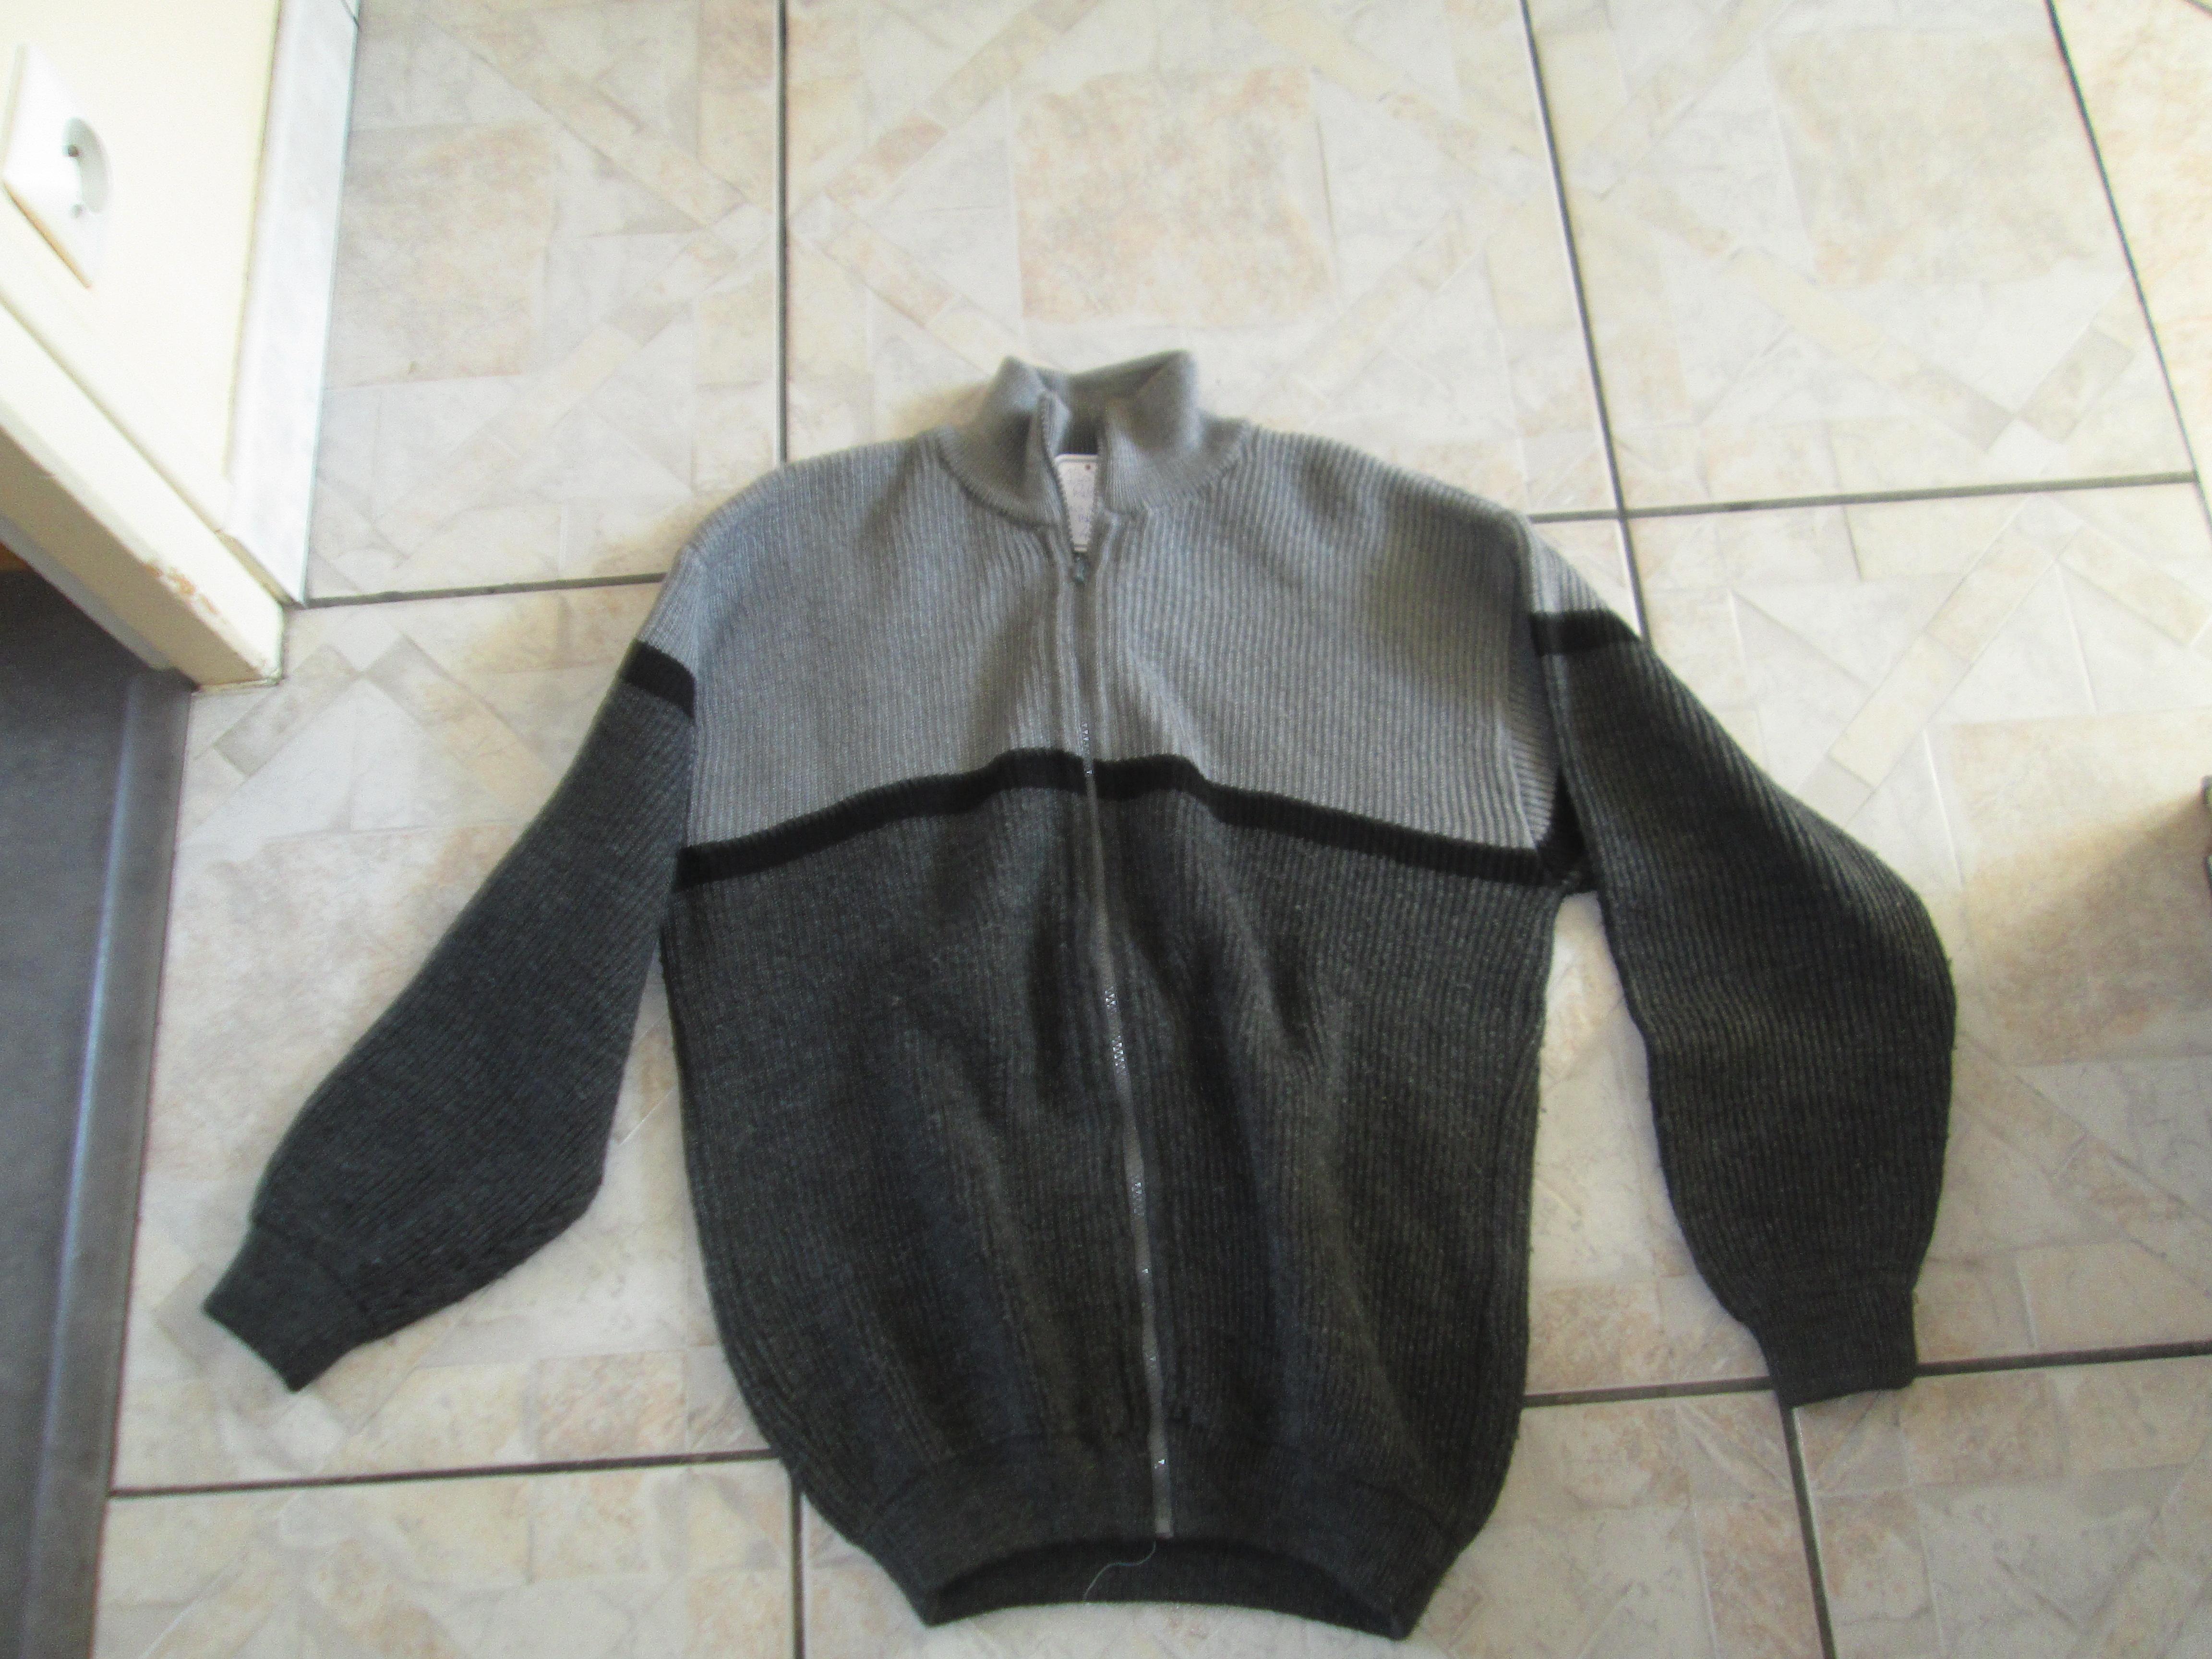 troc de troc cardigan 14 ans gris et noir   3 noisettes image 0